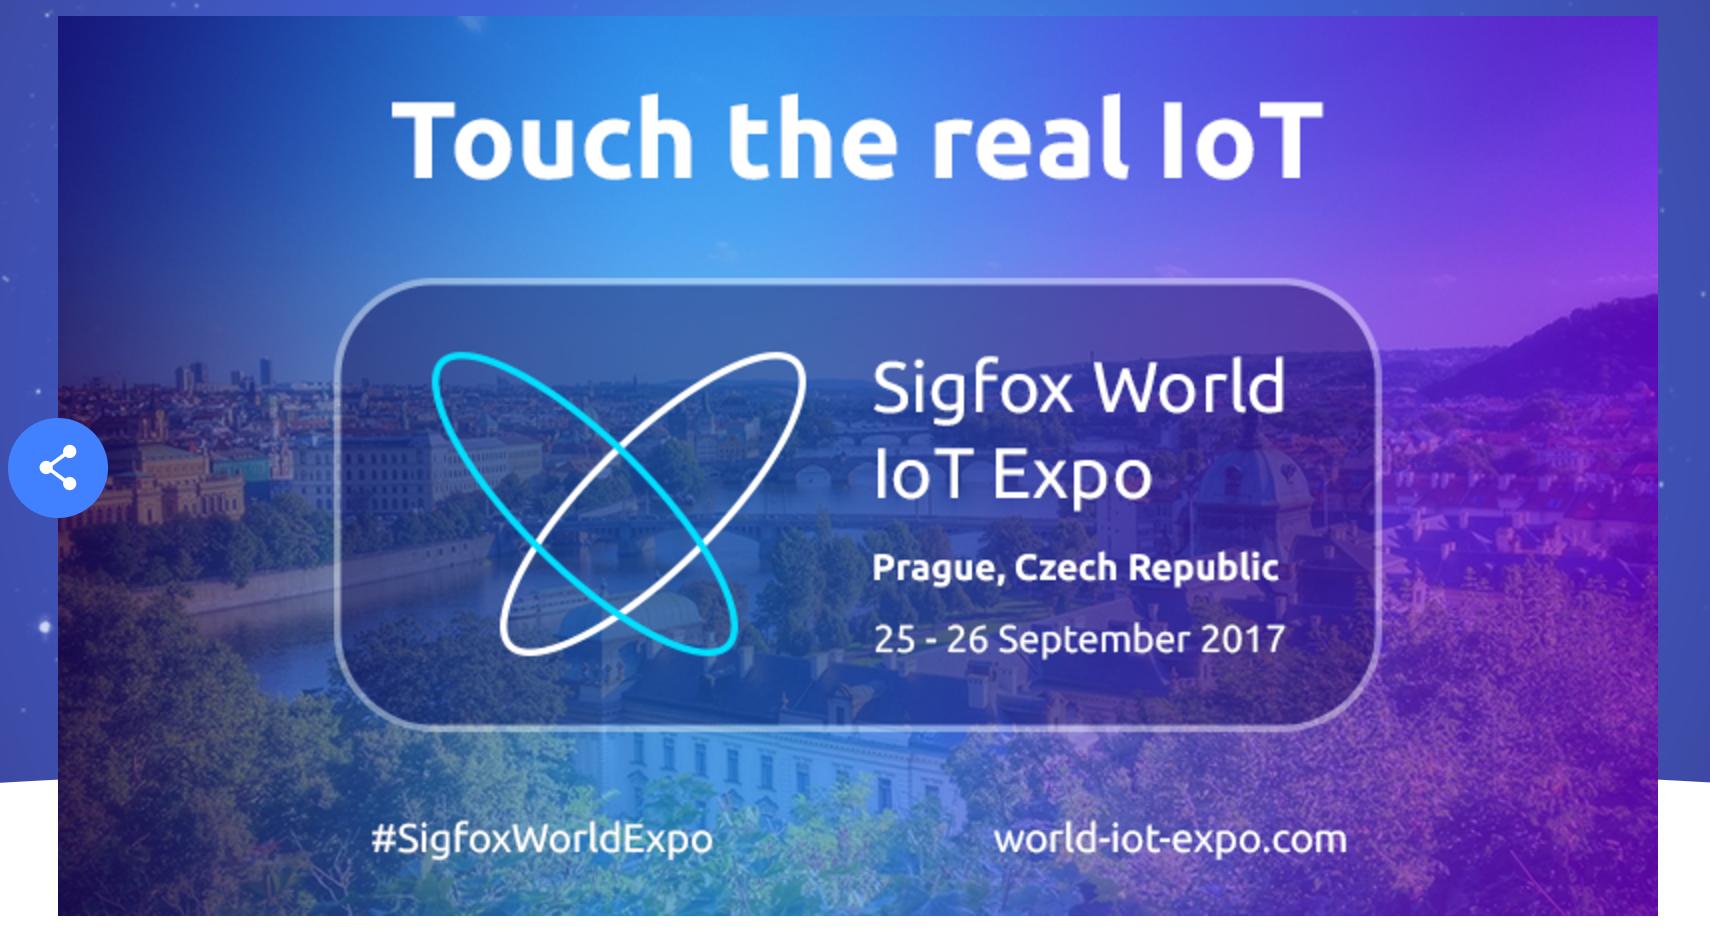 #Sigfox World IoT Expo: ¡@Sigfox lanzará nuevos servicios para consolidar la revolución IoT!